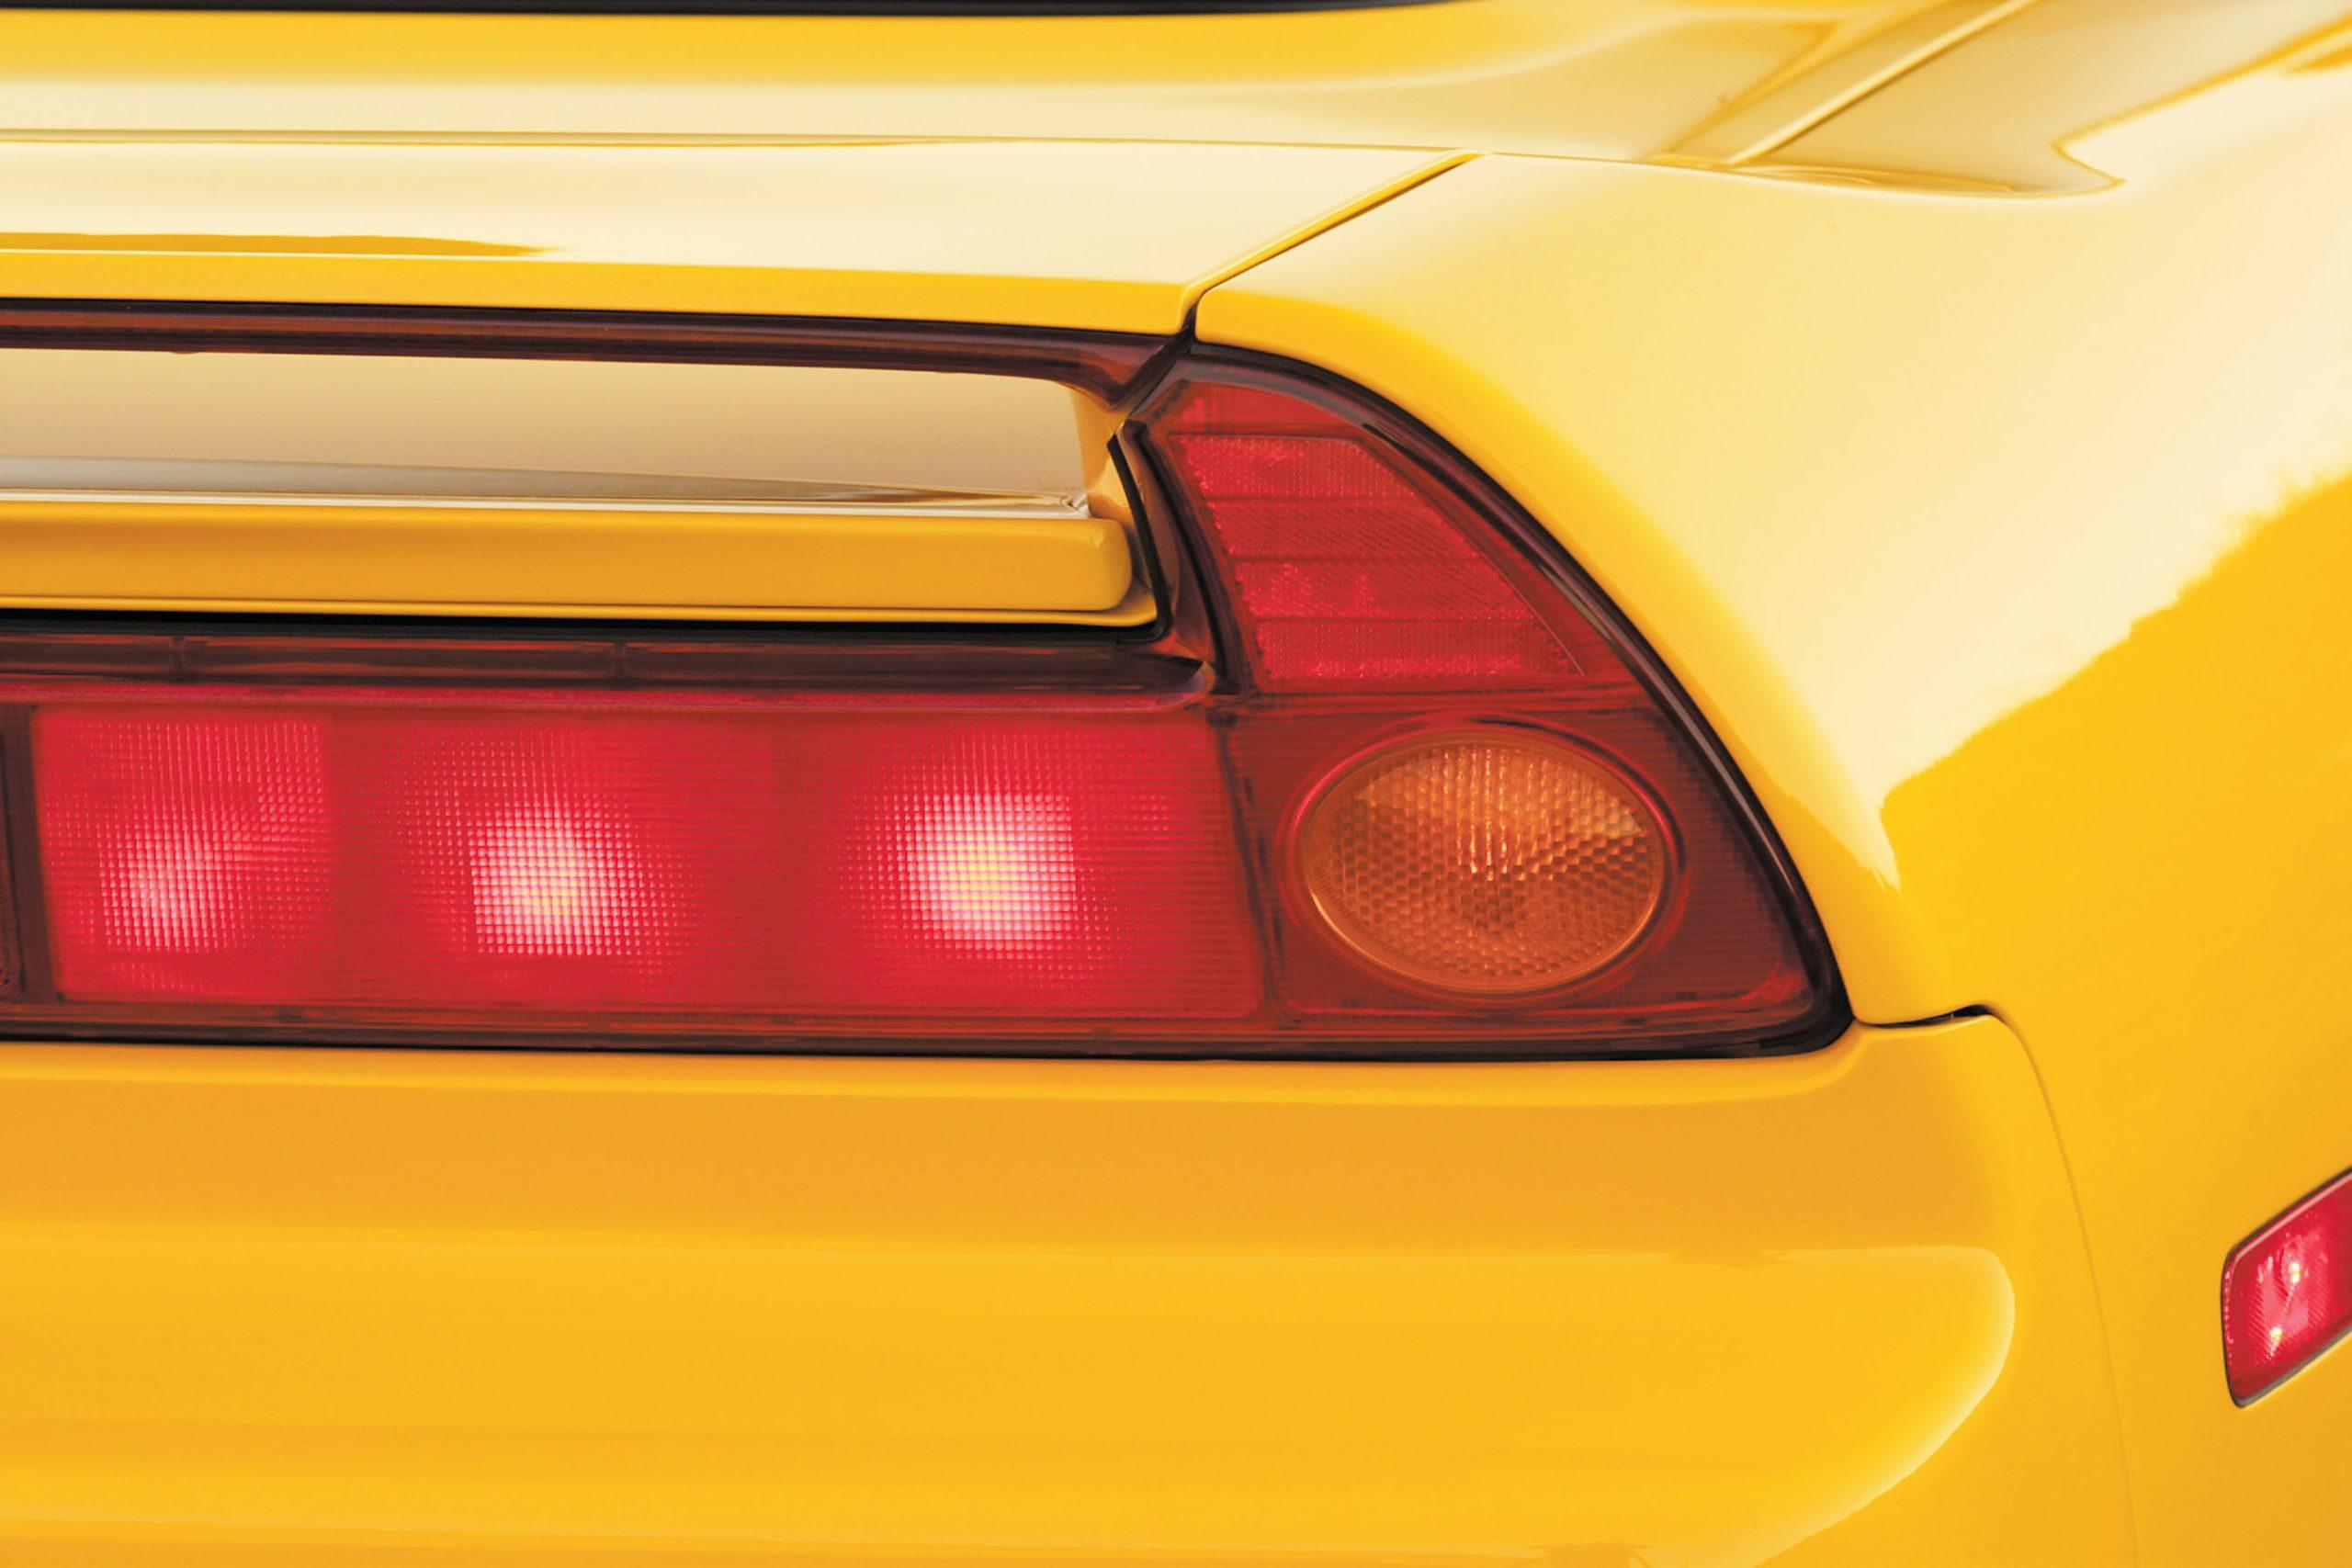 2002 Acura NSX taillight